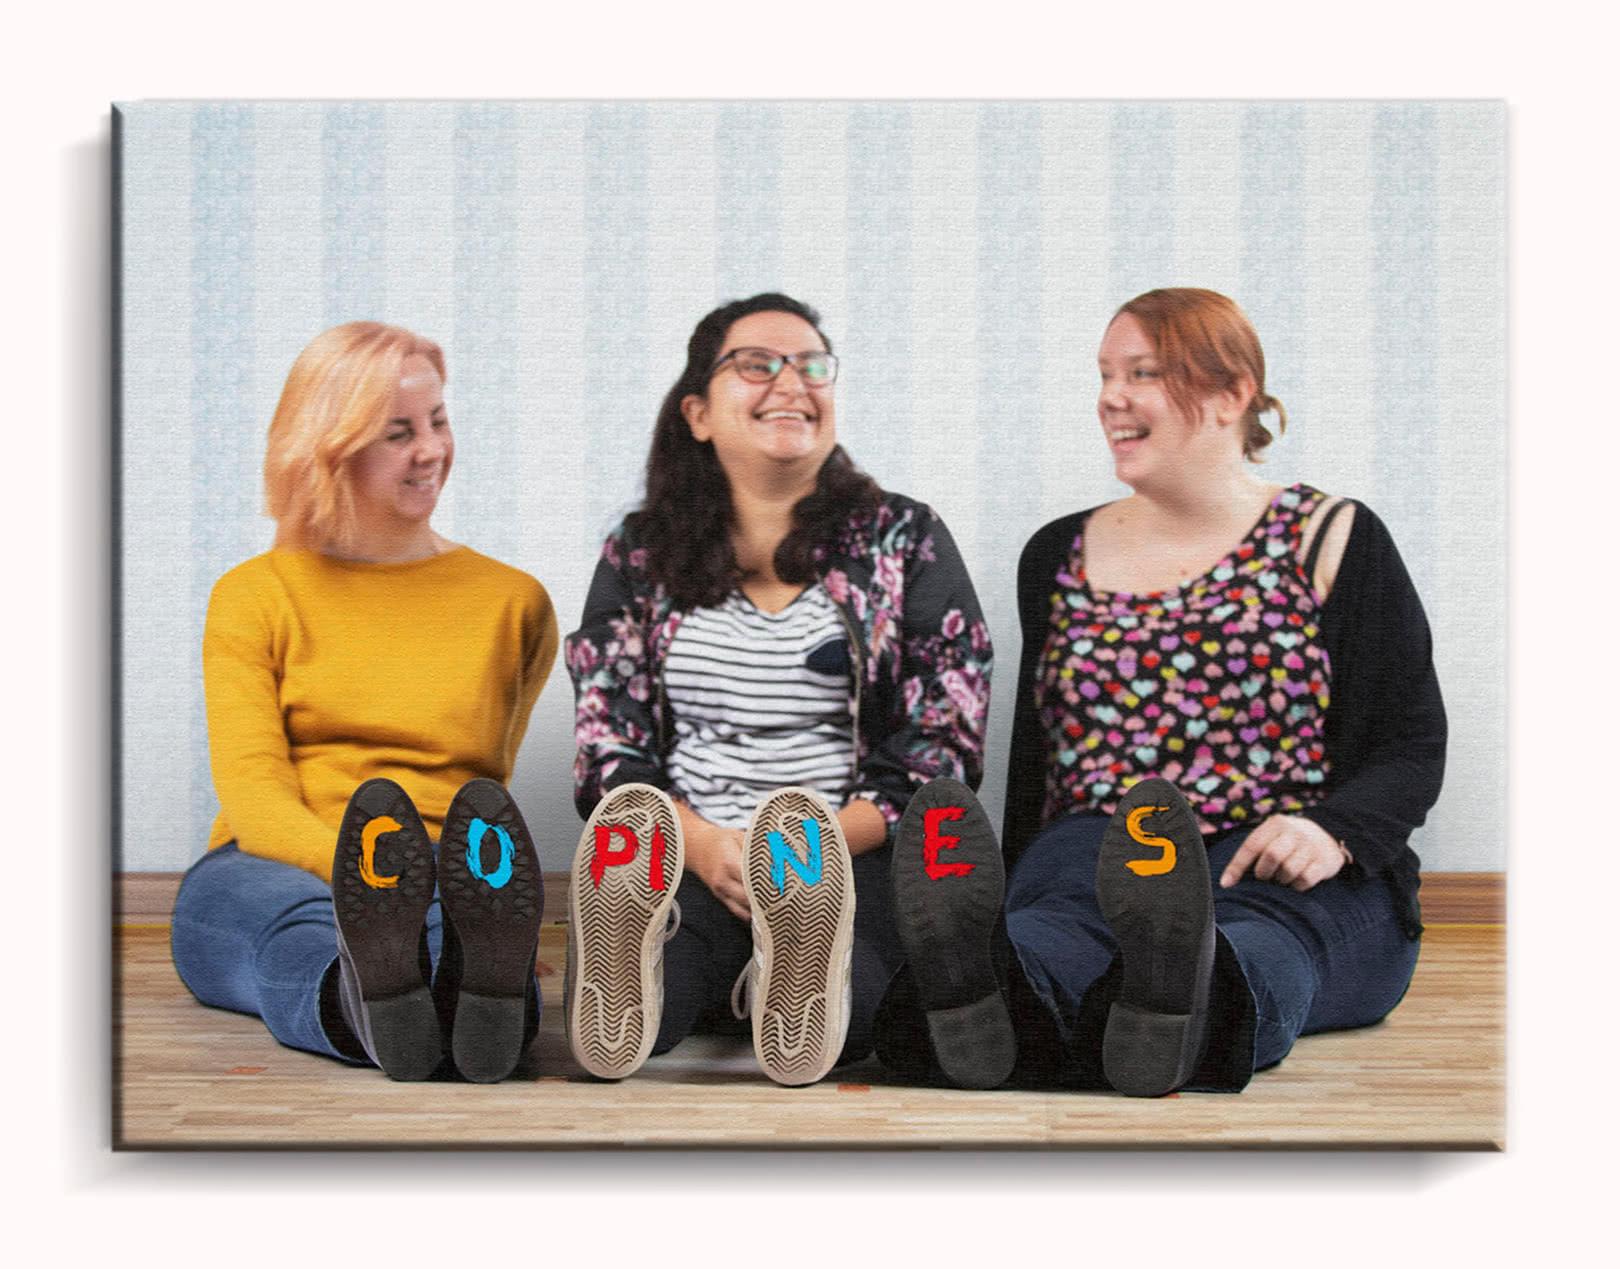 Cadeaux de Noël pour votre Chérie - Le cœur sur les souliers